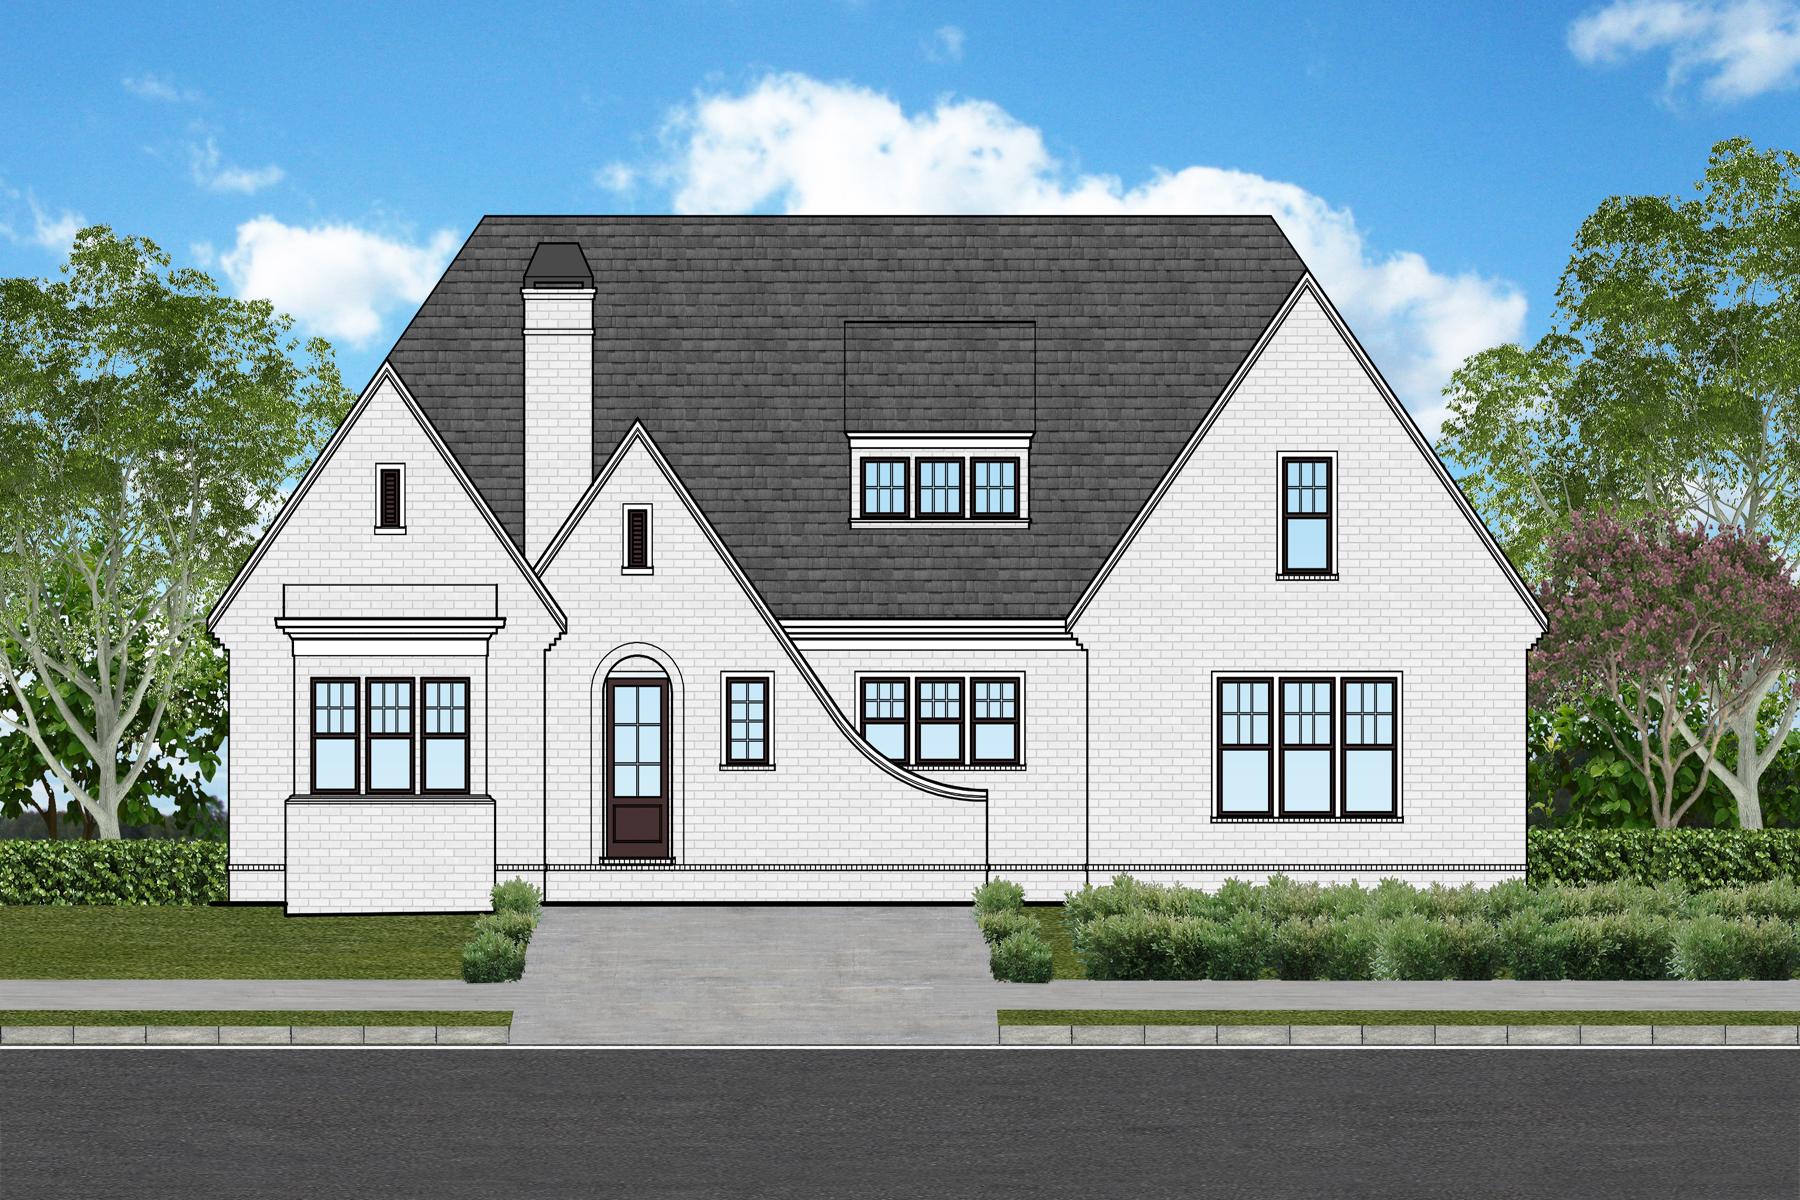 Частный односемейный дом для того Продажа на Beautiful New European Style Home 1417 Katherine Rose Lane Smyrna, Джорджия 30080 Соединенные Штаты